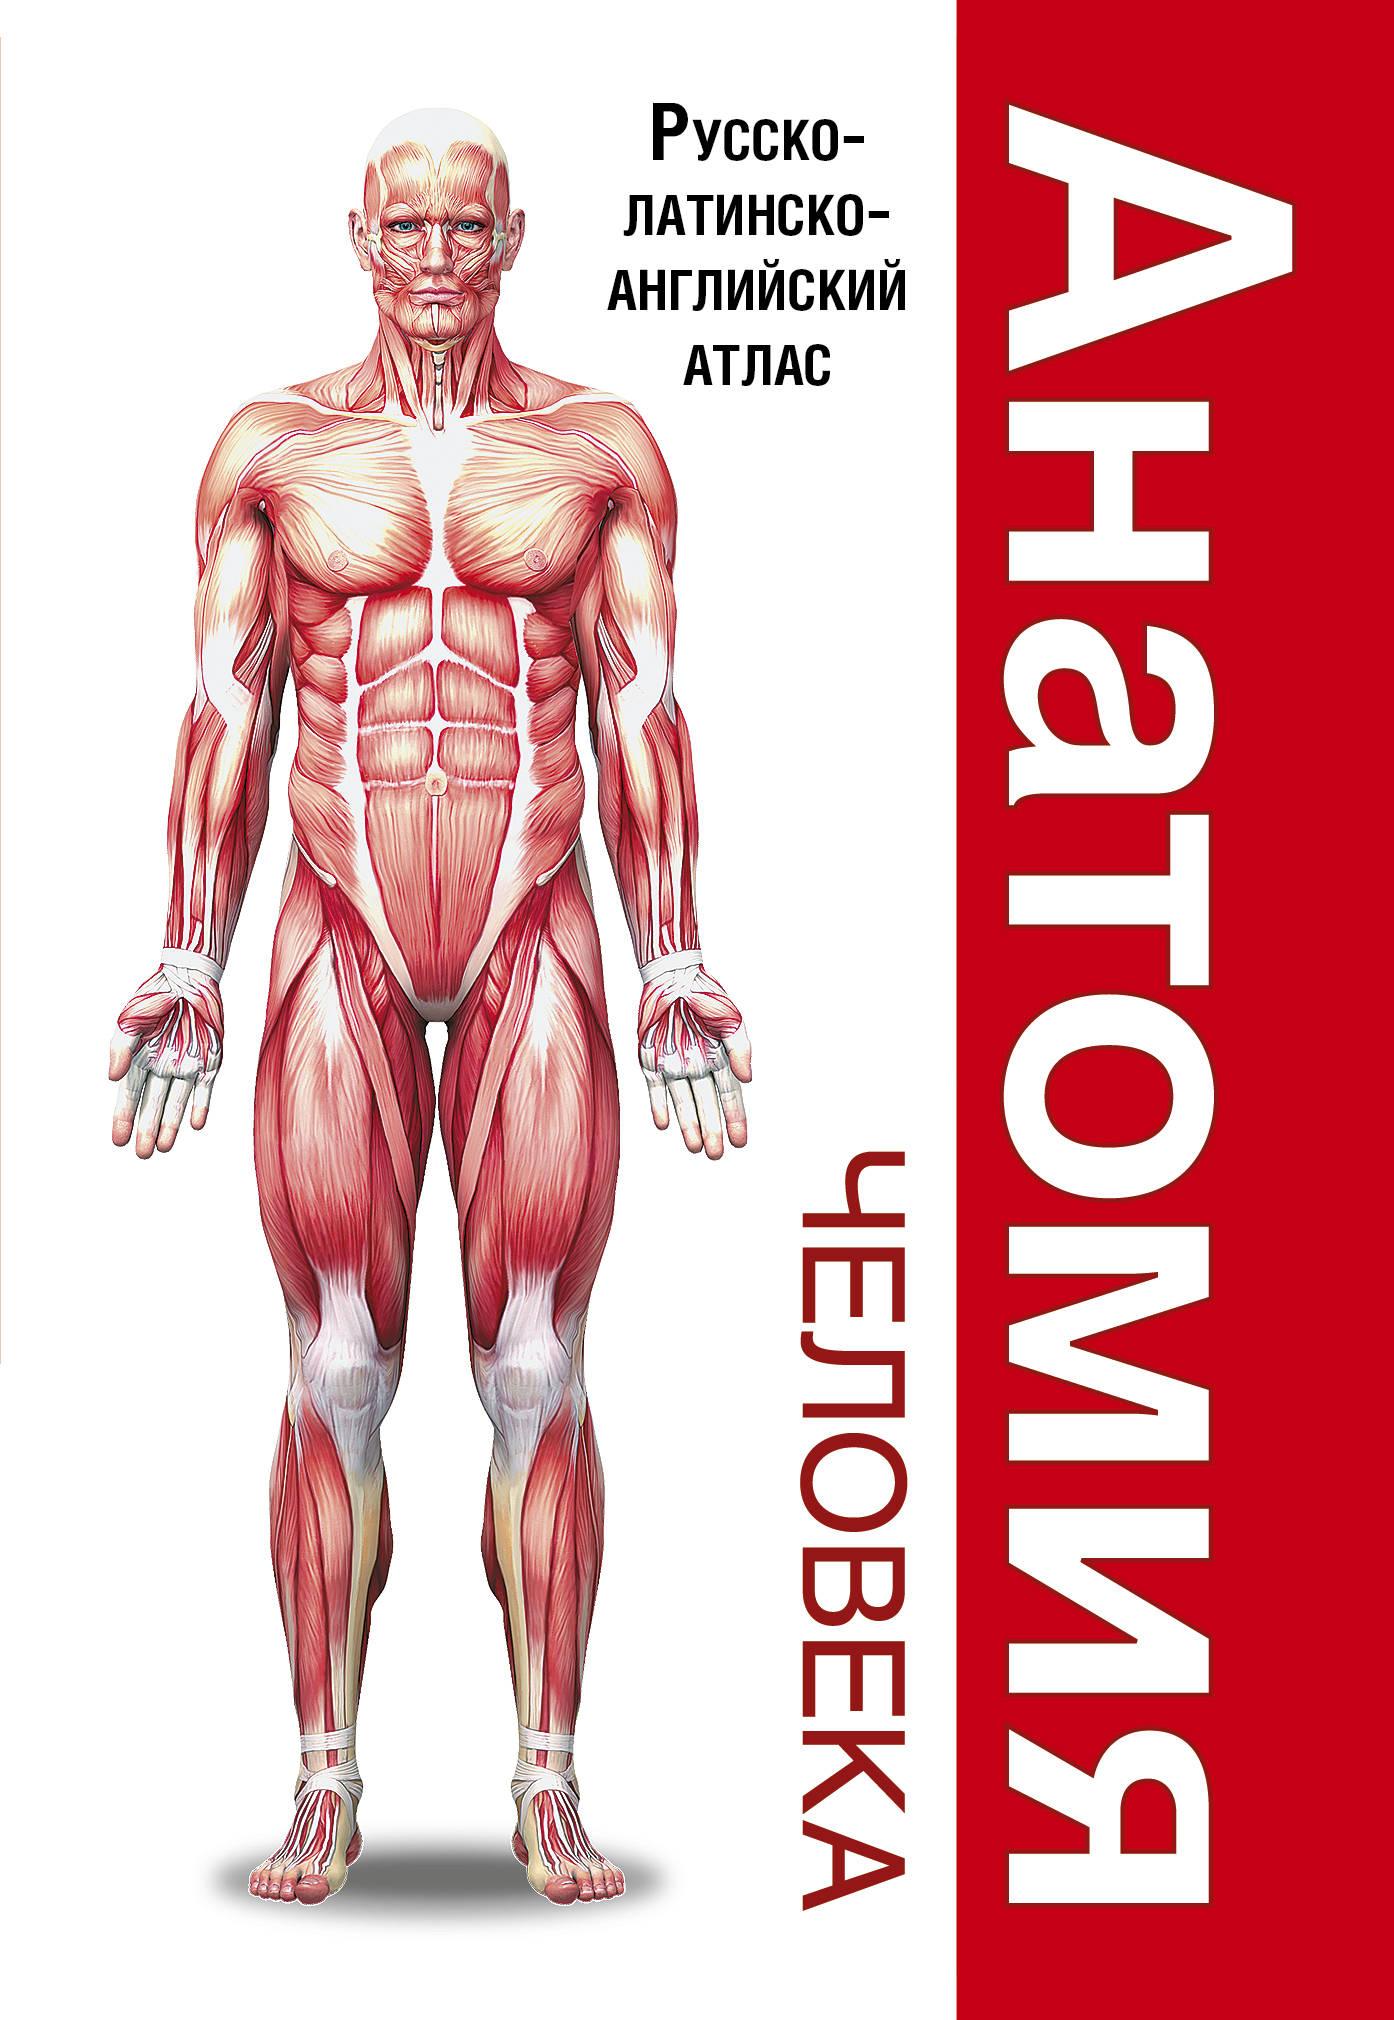 . Анатомия человека. Русско-латинско-английский атлас анна спектор большой иллюстрированный атлас анатомии человека